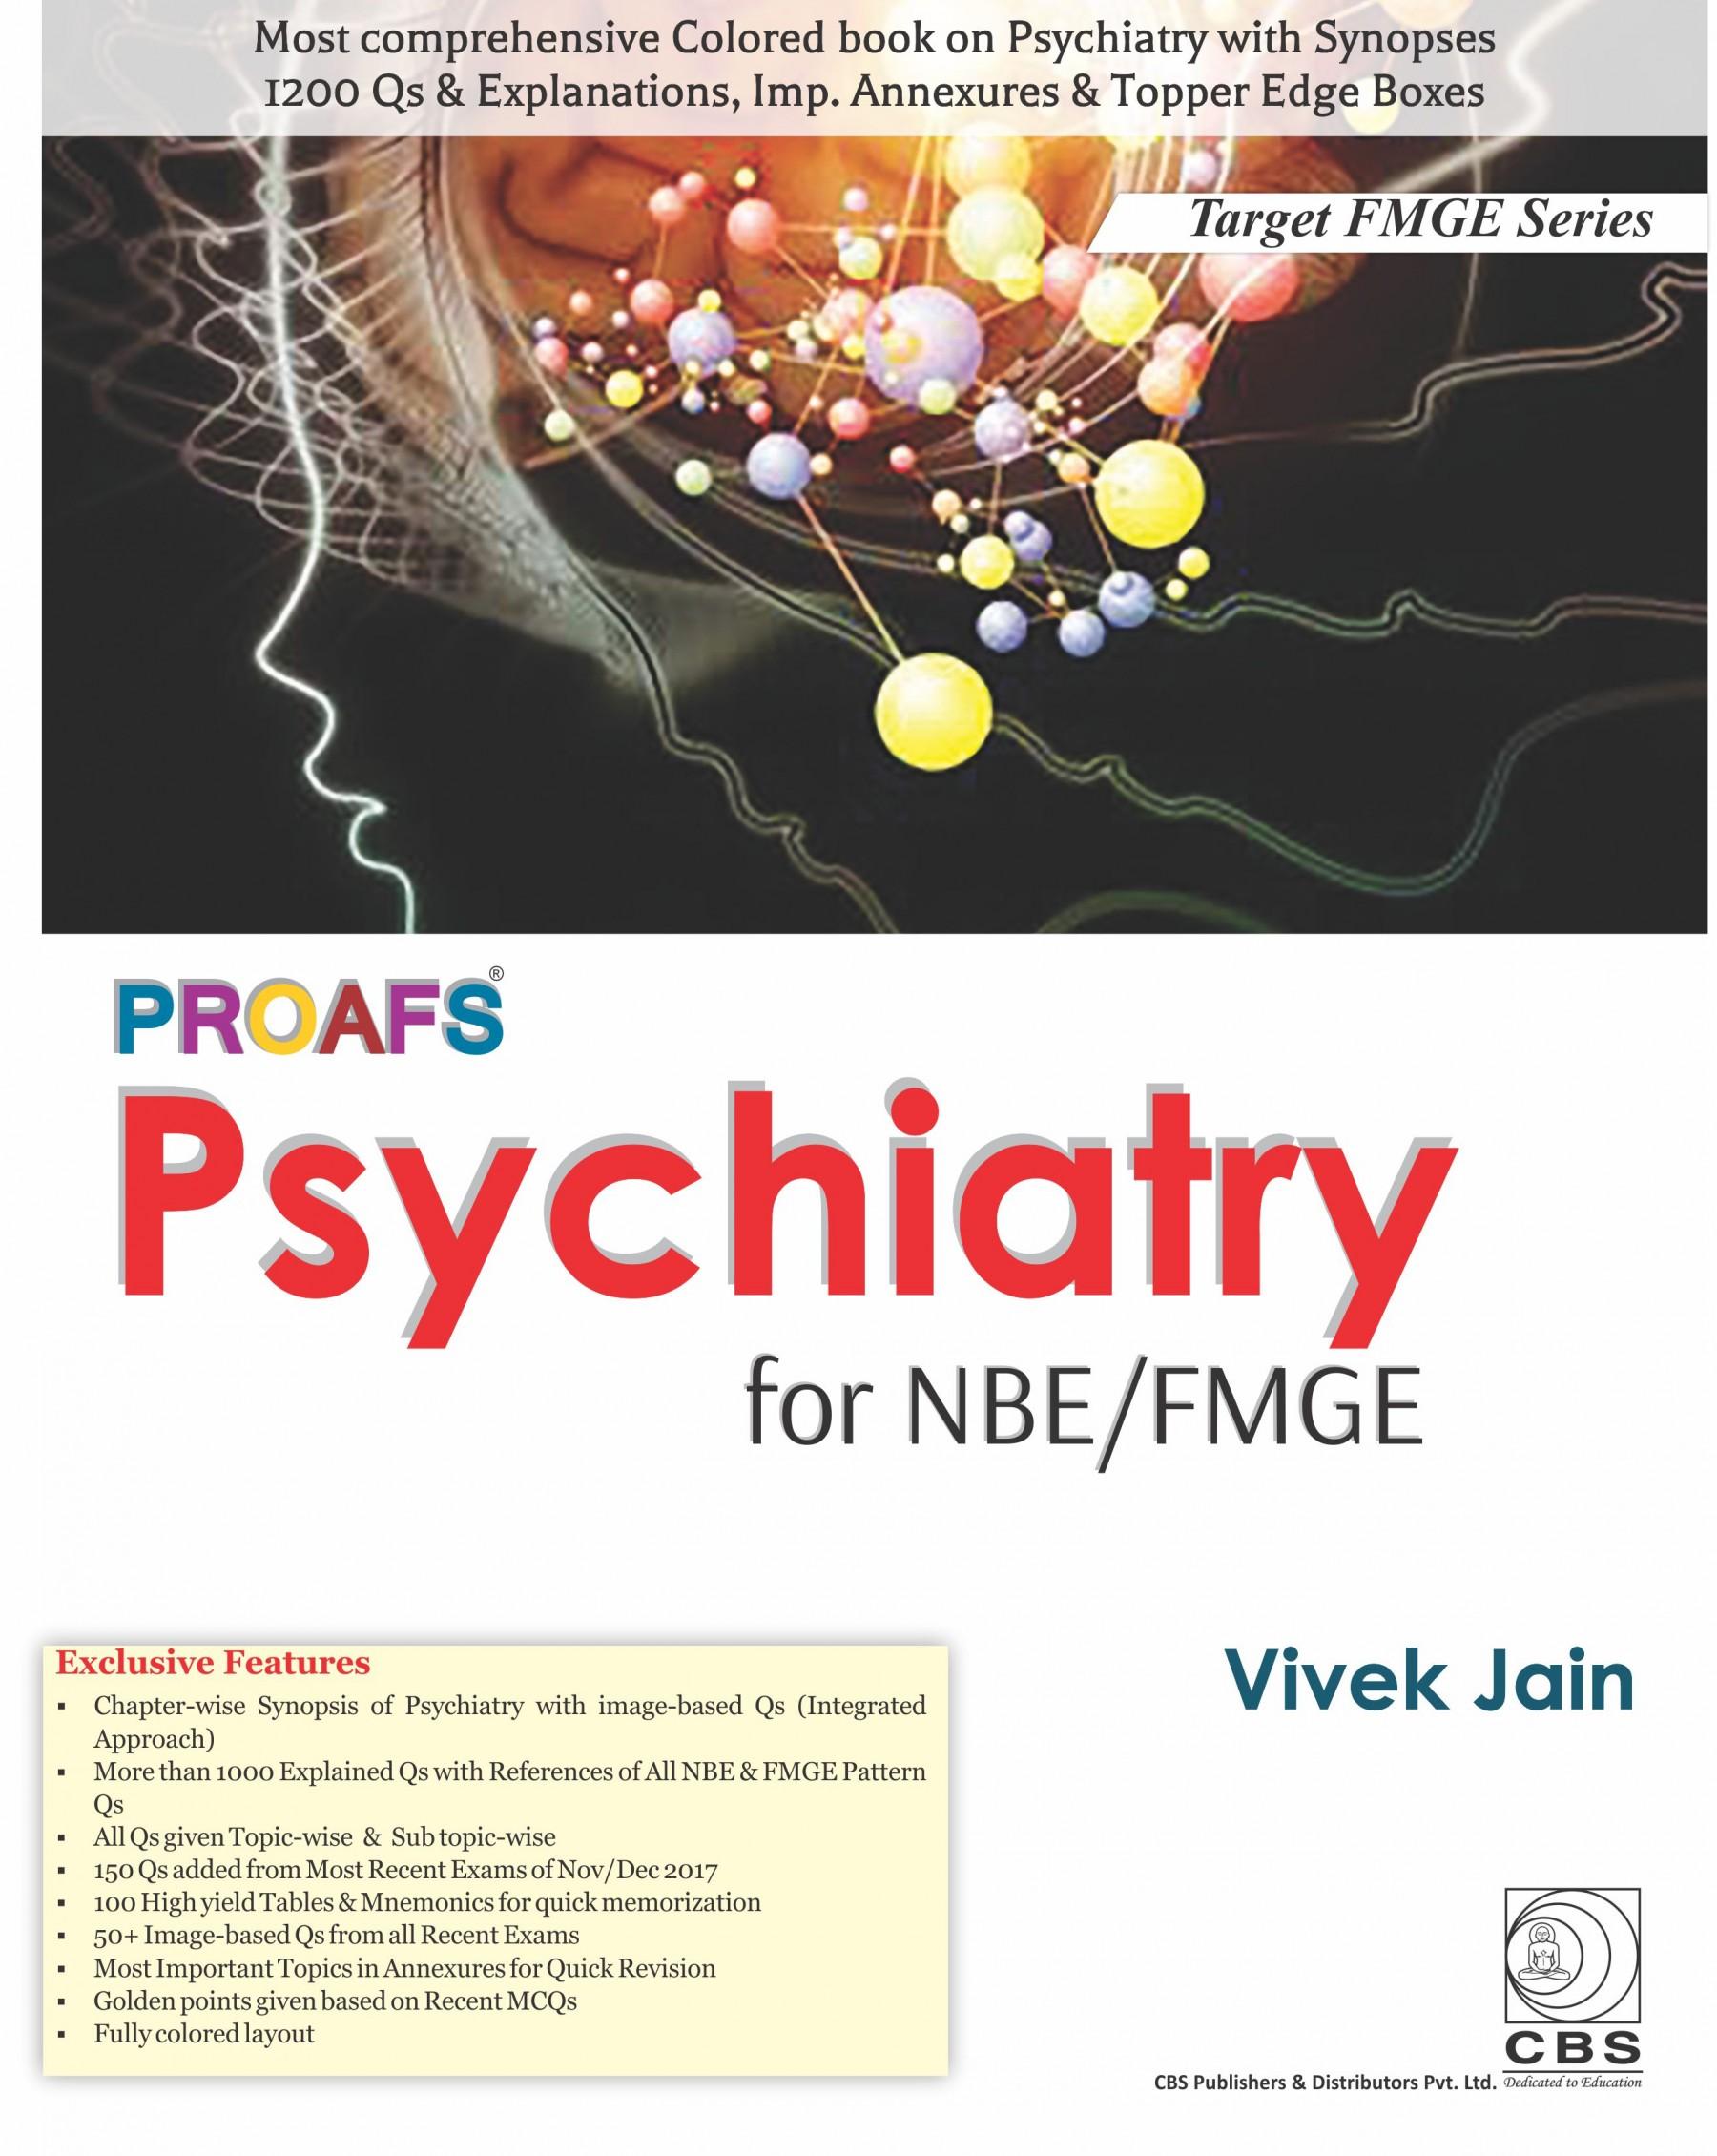 PROAFS PSYHIATRY FOR NBE FMGE (PB 2018) (TARGET FMGE SERIES)